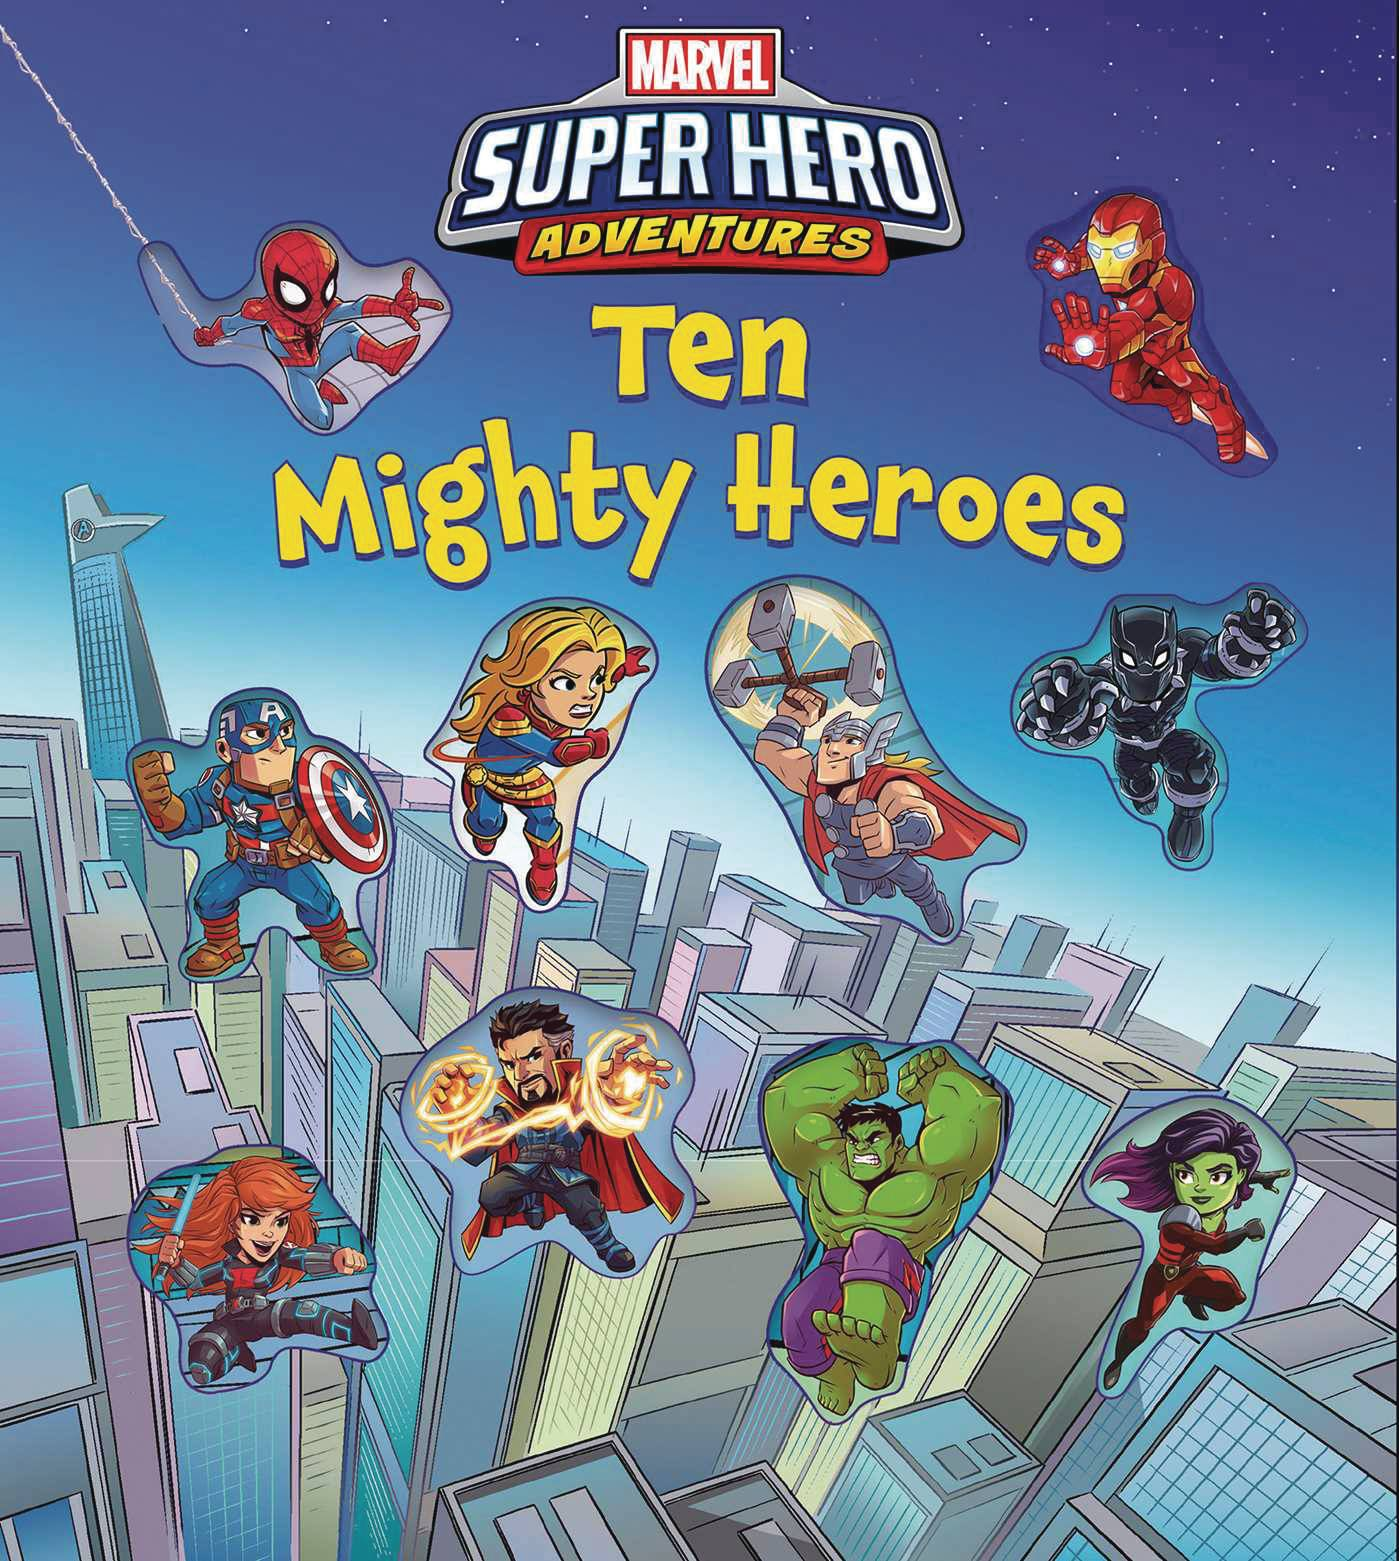 MARVEL SUPER HERO ADVENTURES TEN MIGHTY HEROES BOARD BOOK